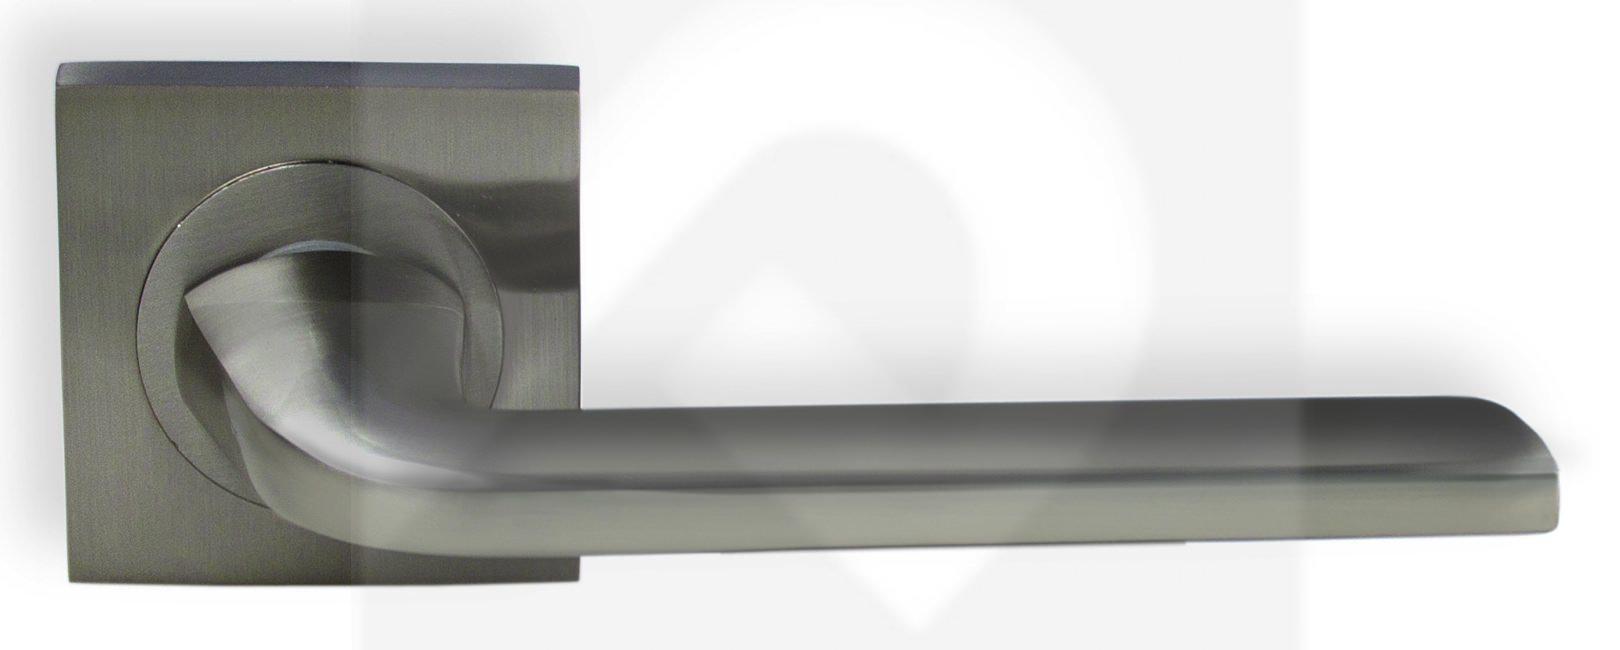 Juego de manillas cuadrada aluminio niquel mate 216 manistil - Manillas puertas aluminio ...